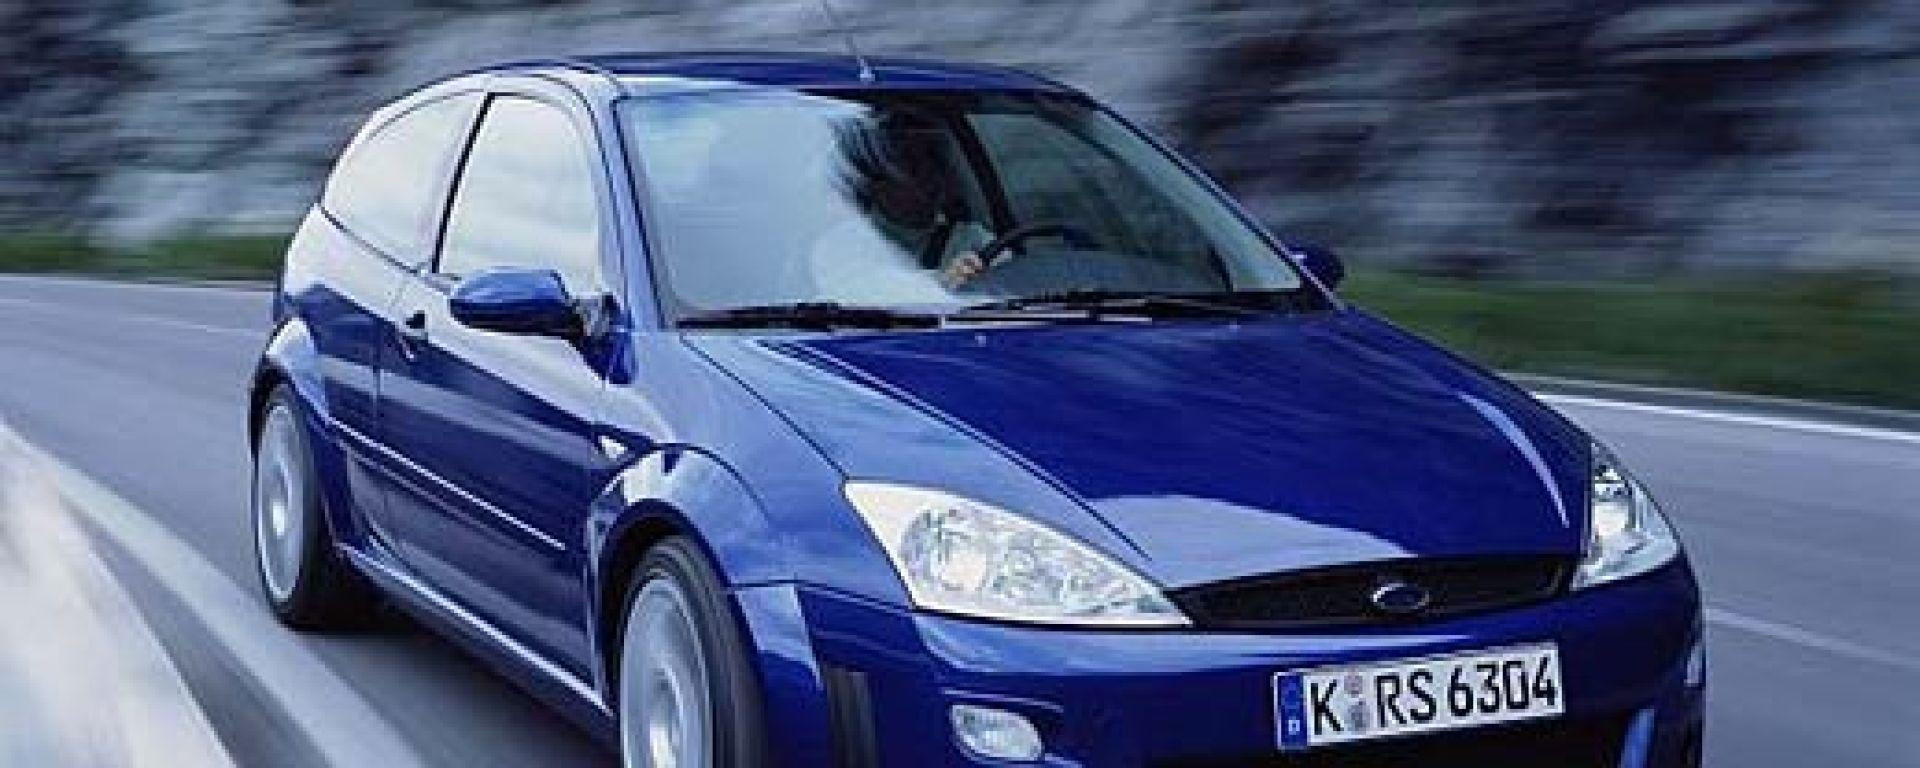 Anteprima: Ford Focus RS